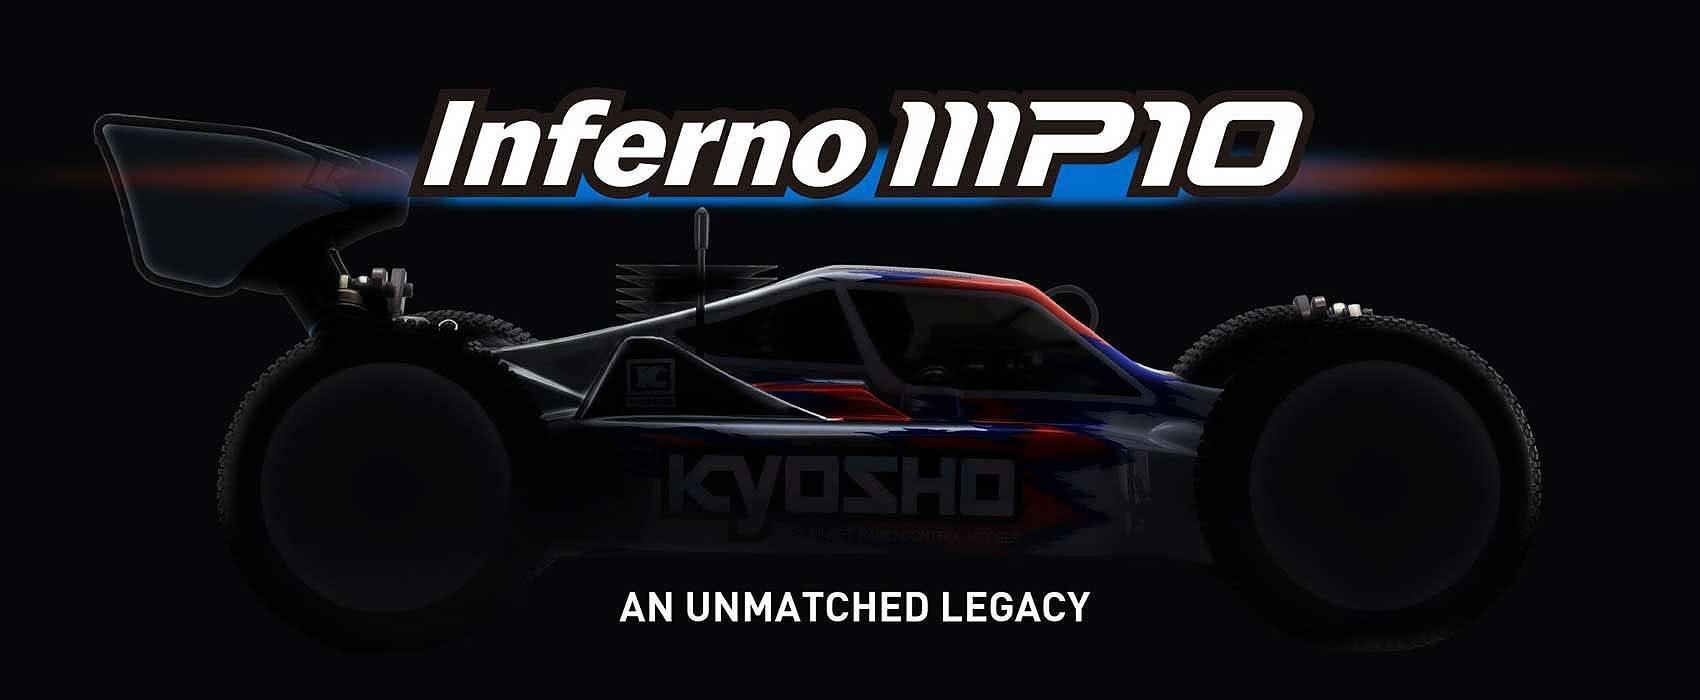 Kyosko Inferno MP10